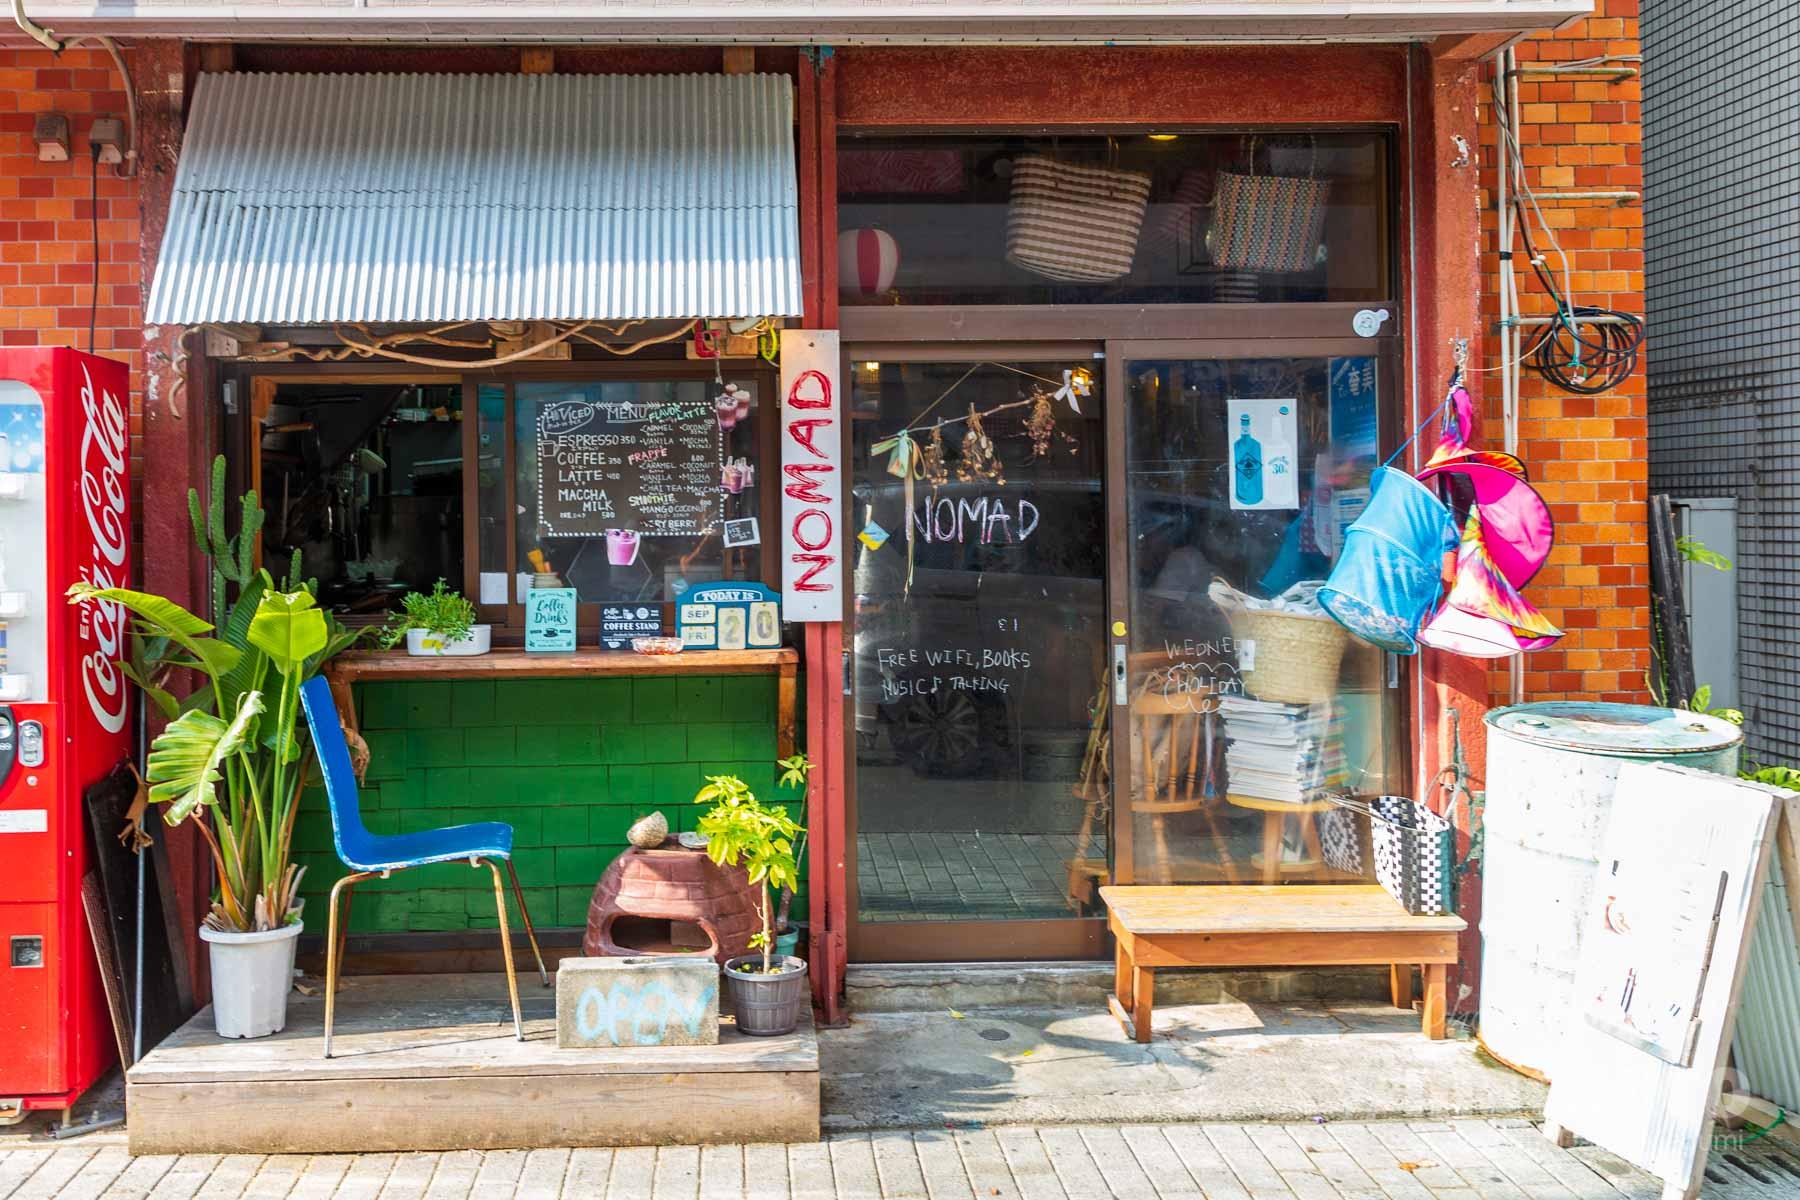 奄美大島にある人気カレーショップ NOMAD の外観写真